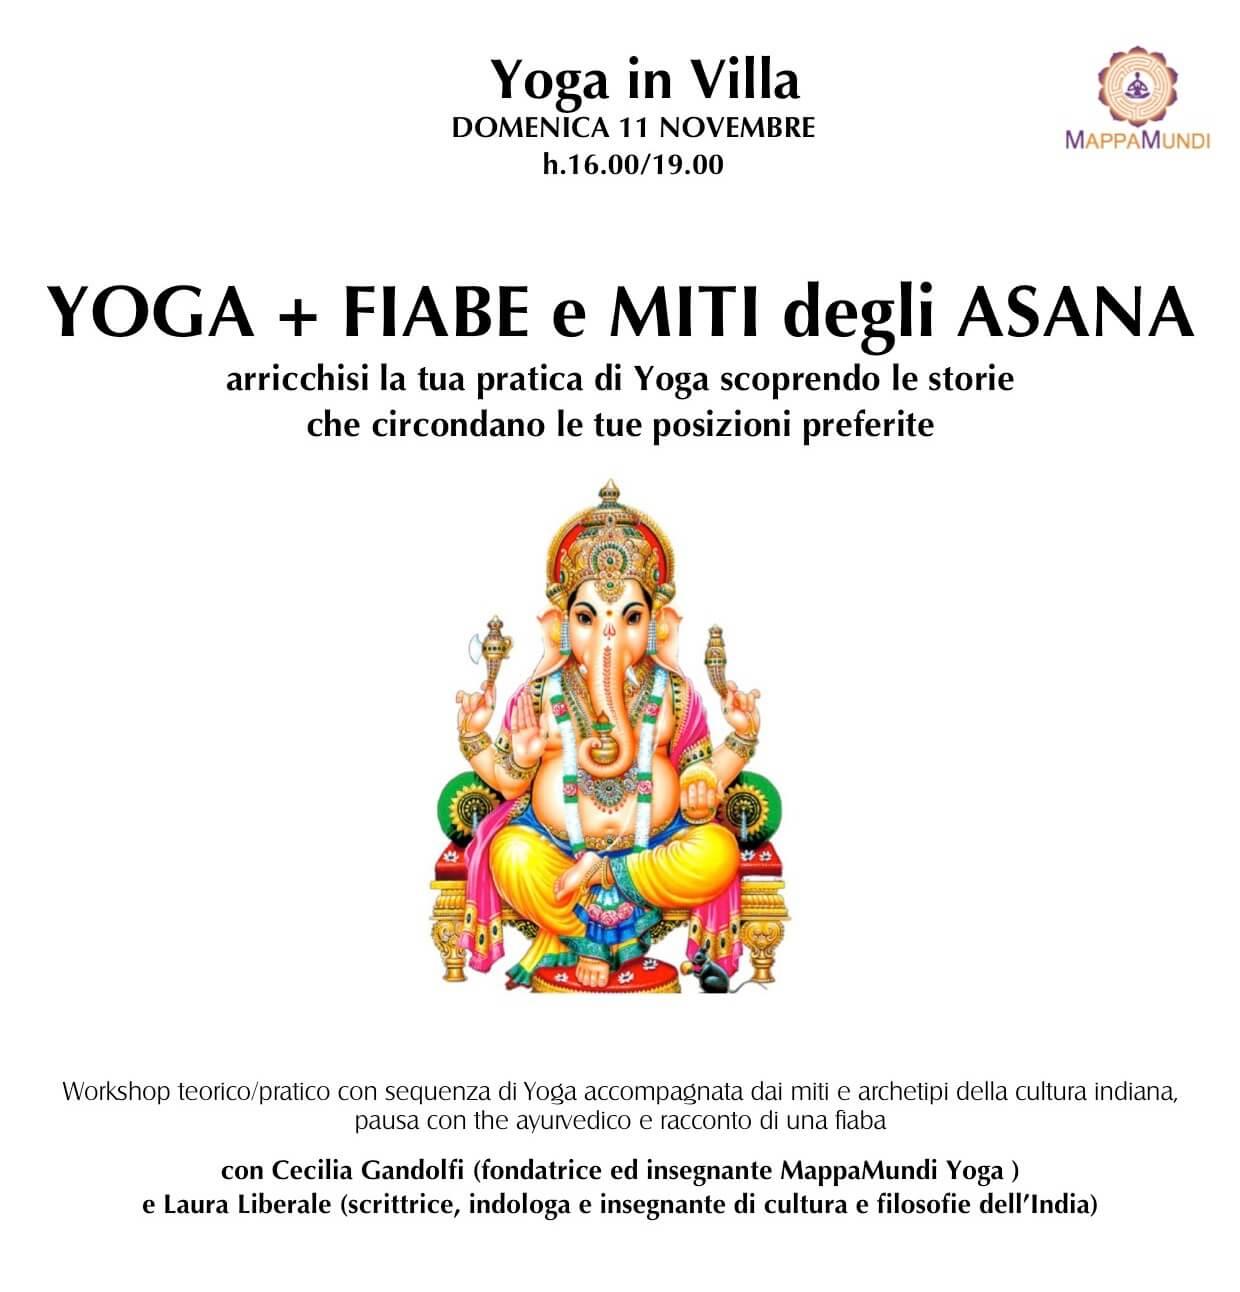 YOGA + FIABE e MITI degli ASANA arricchisi la tua pratica di Yoga scoprendo le storie che circondano le tue posizioni preferite